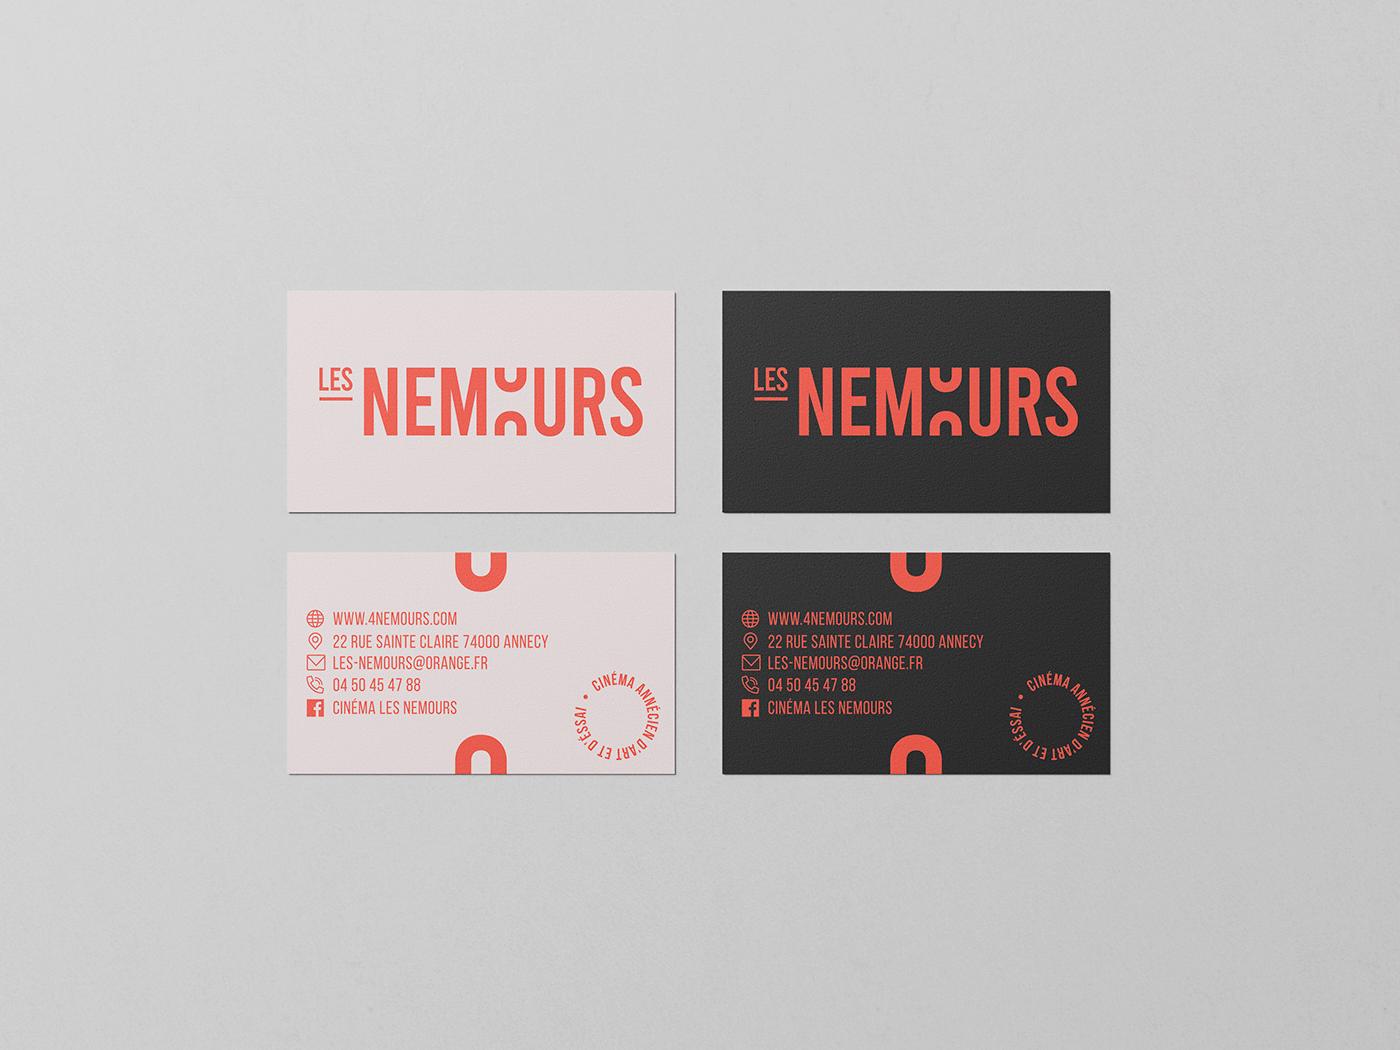 Business card Les Nemours